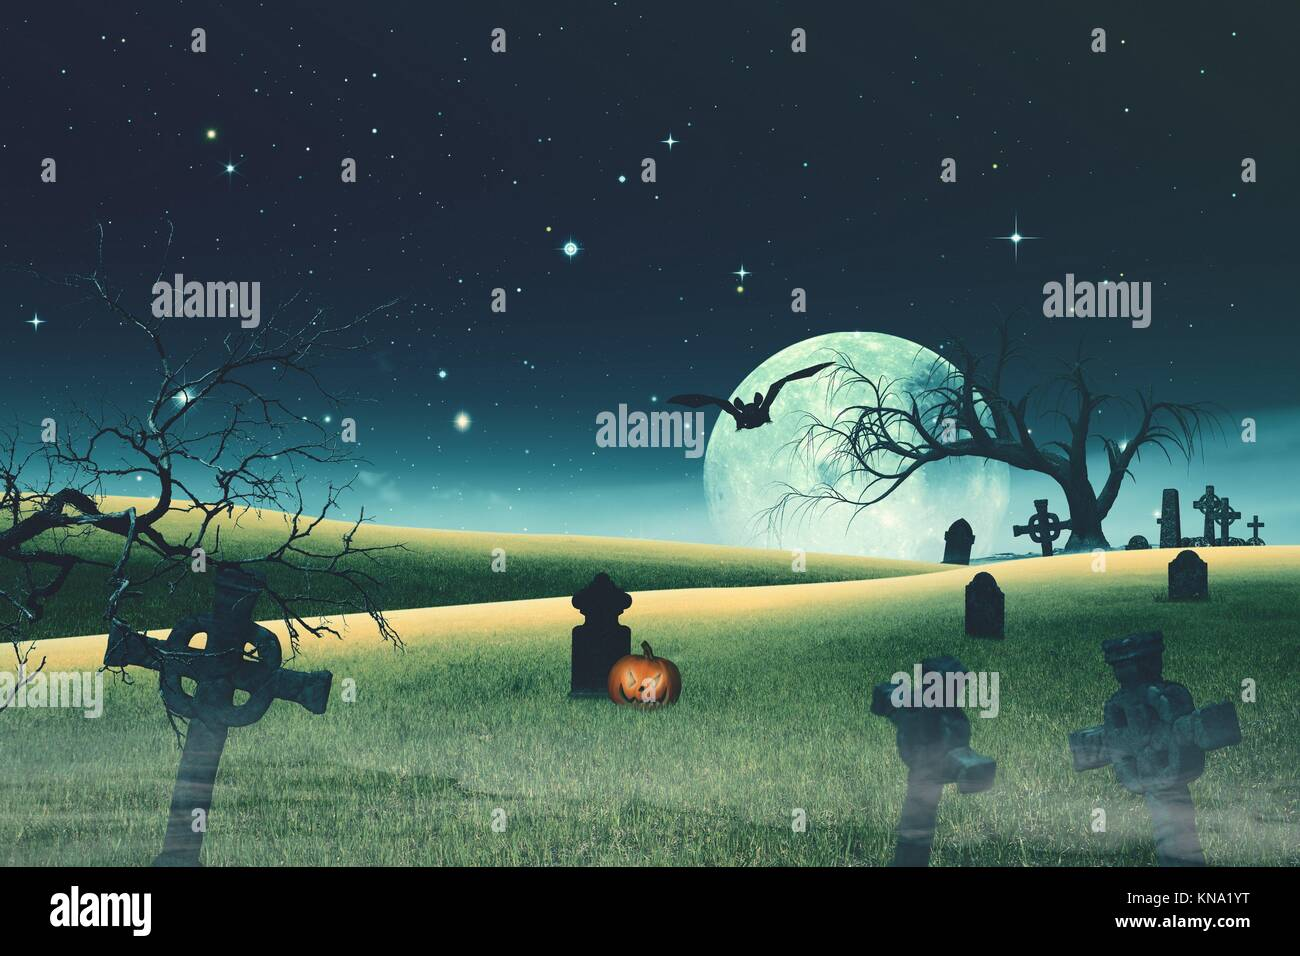 Origines de l'Halloween avec des citrouilles et cimetière fantasmagorique. Photo Stock